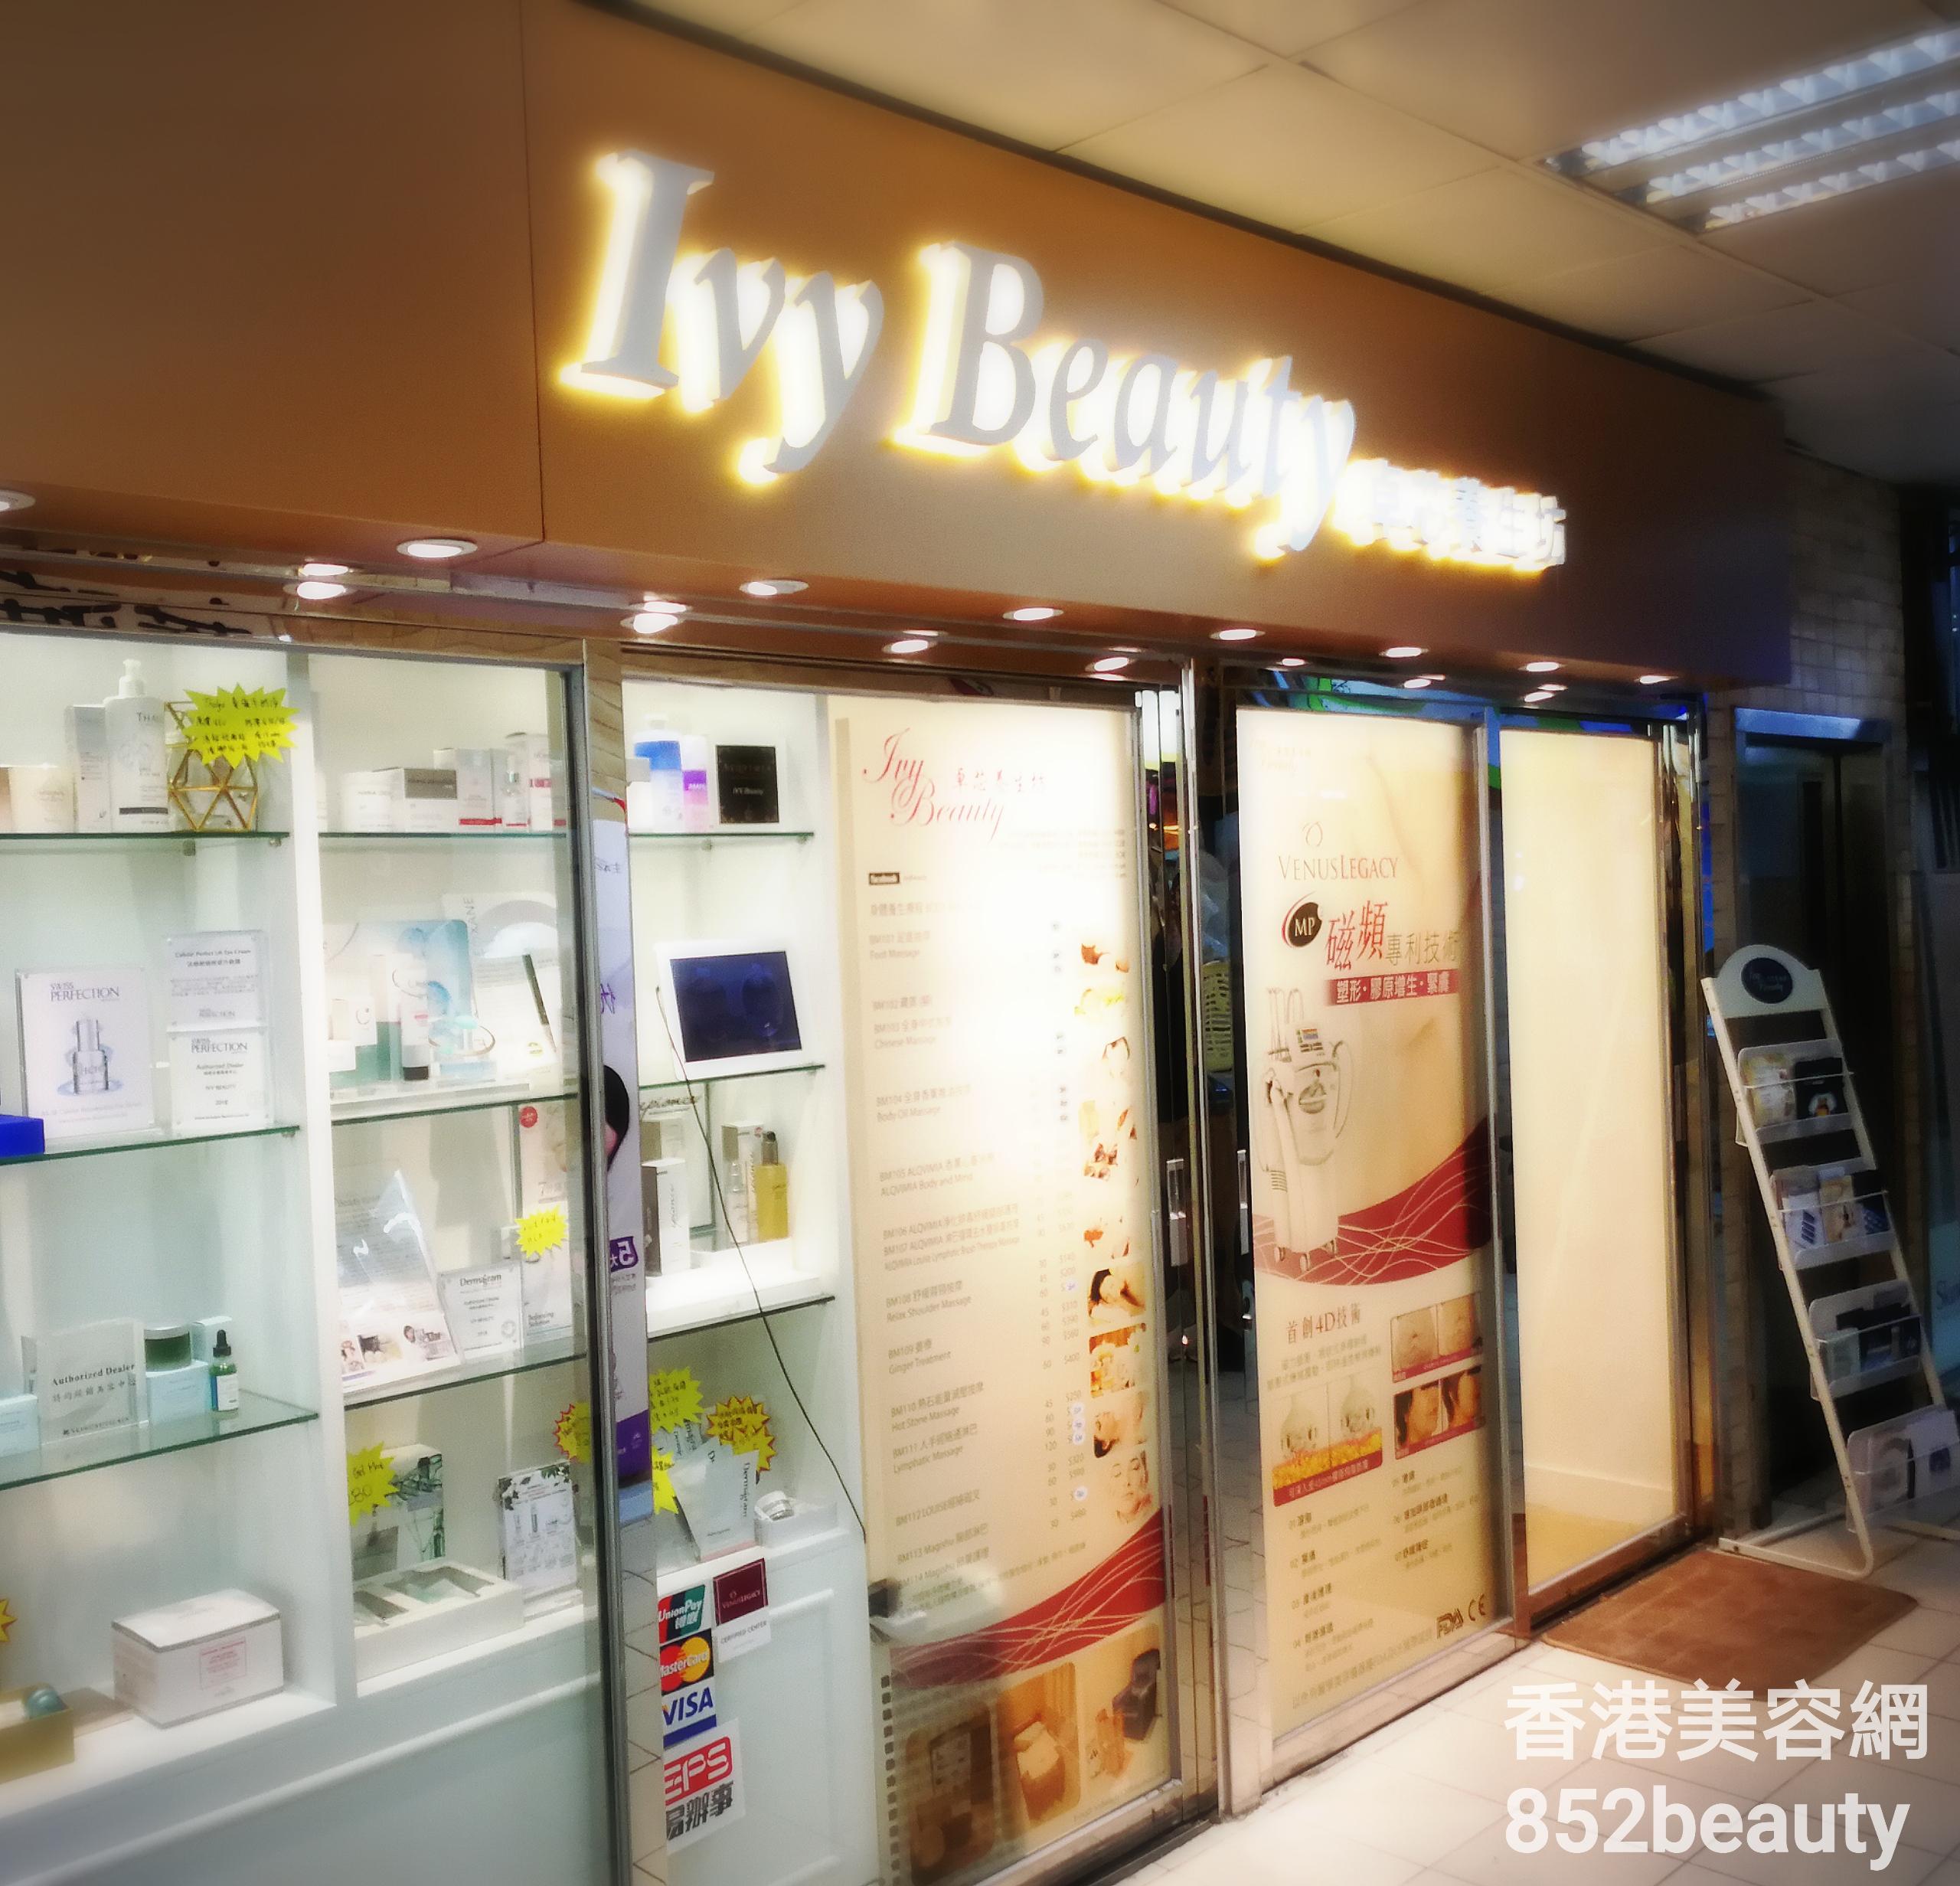 香港美容院 美容師 : Ivy Beauty 卓芯養生坊 (華都商場店) @青年創業軍